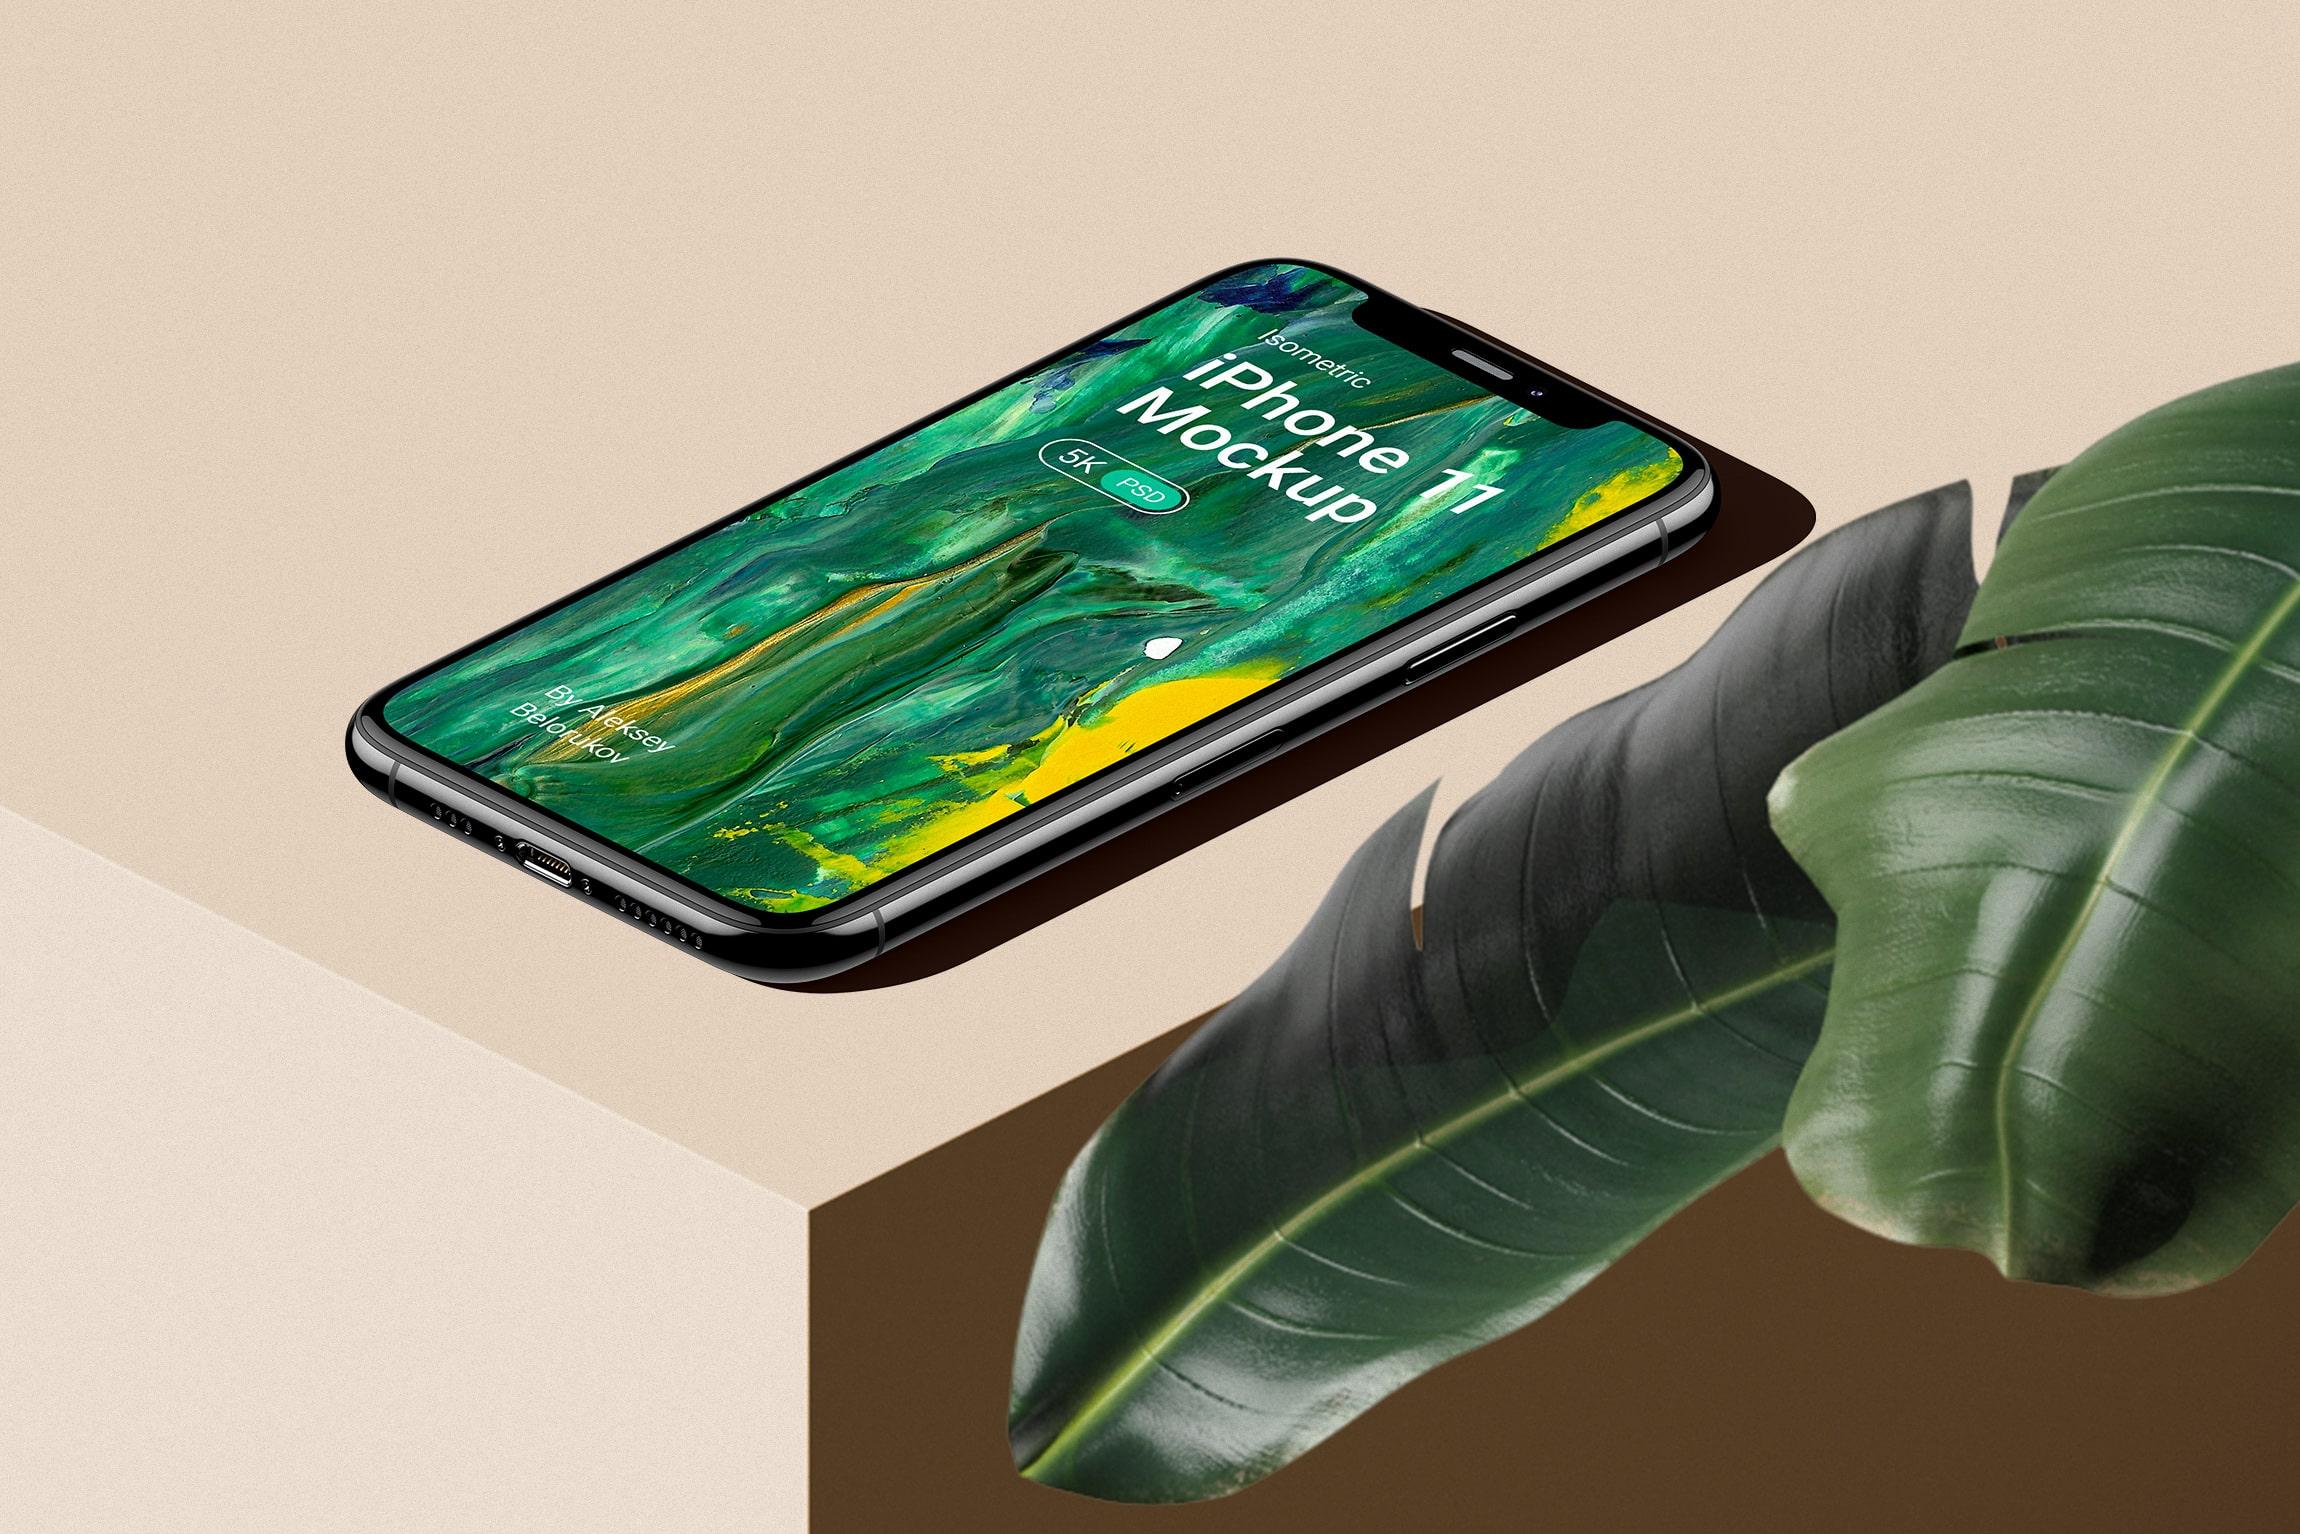 [单独购买] 16款时尚等距APP界面设计苹果设备屏幕演示场景样机模板套装 Device Pack Mockups – Isometric插图16